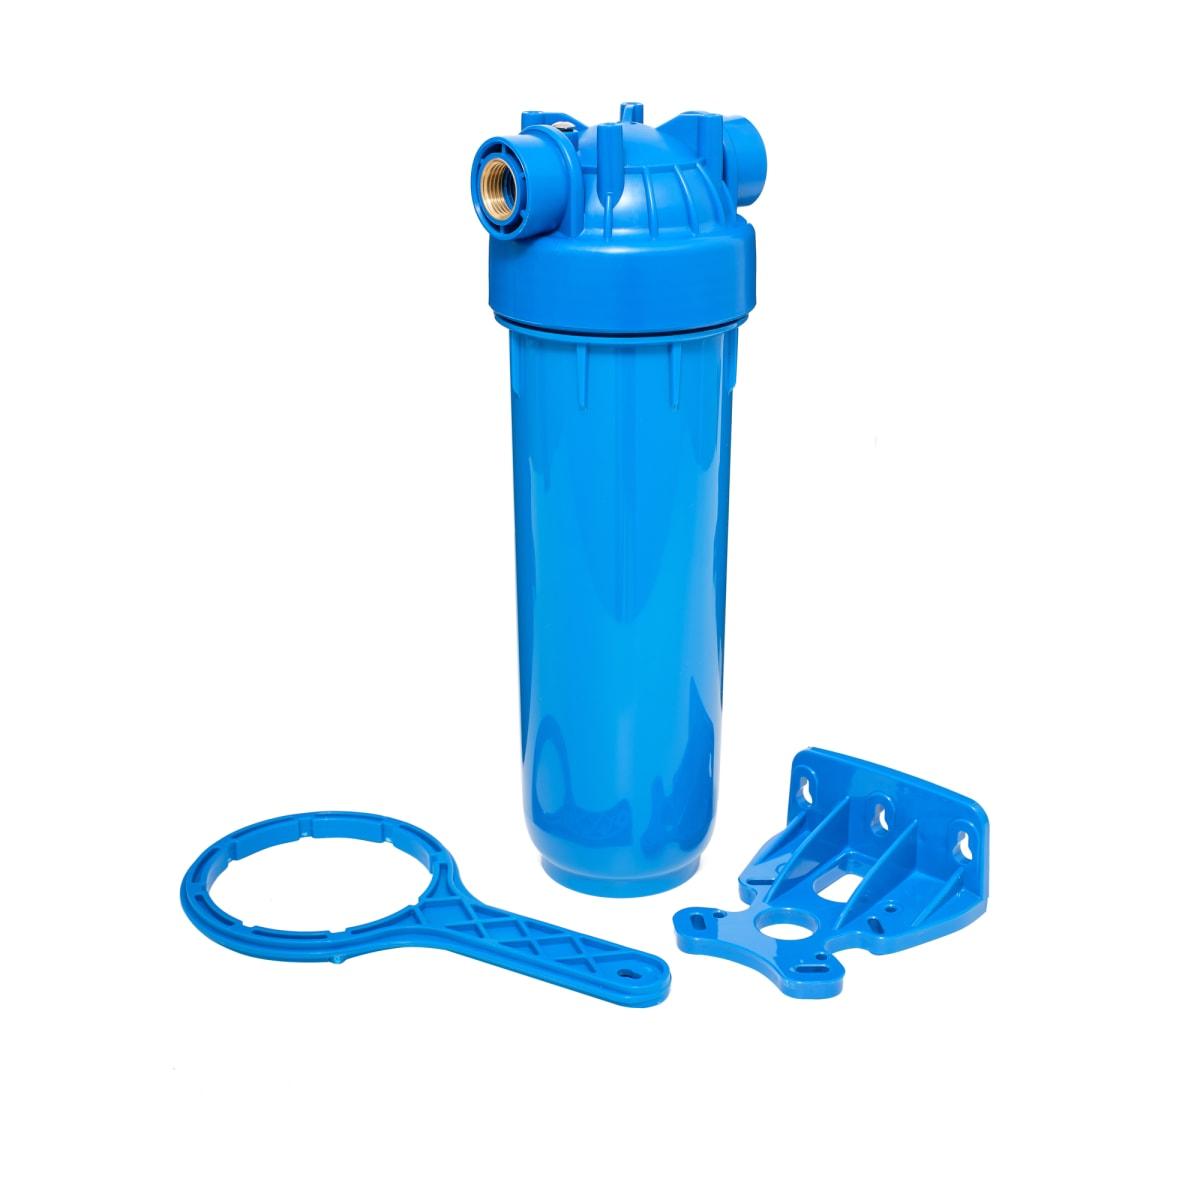 """Магистральный корпус 10SL для холодной воды, резьба 1/2"""""""